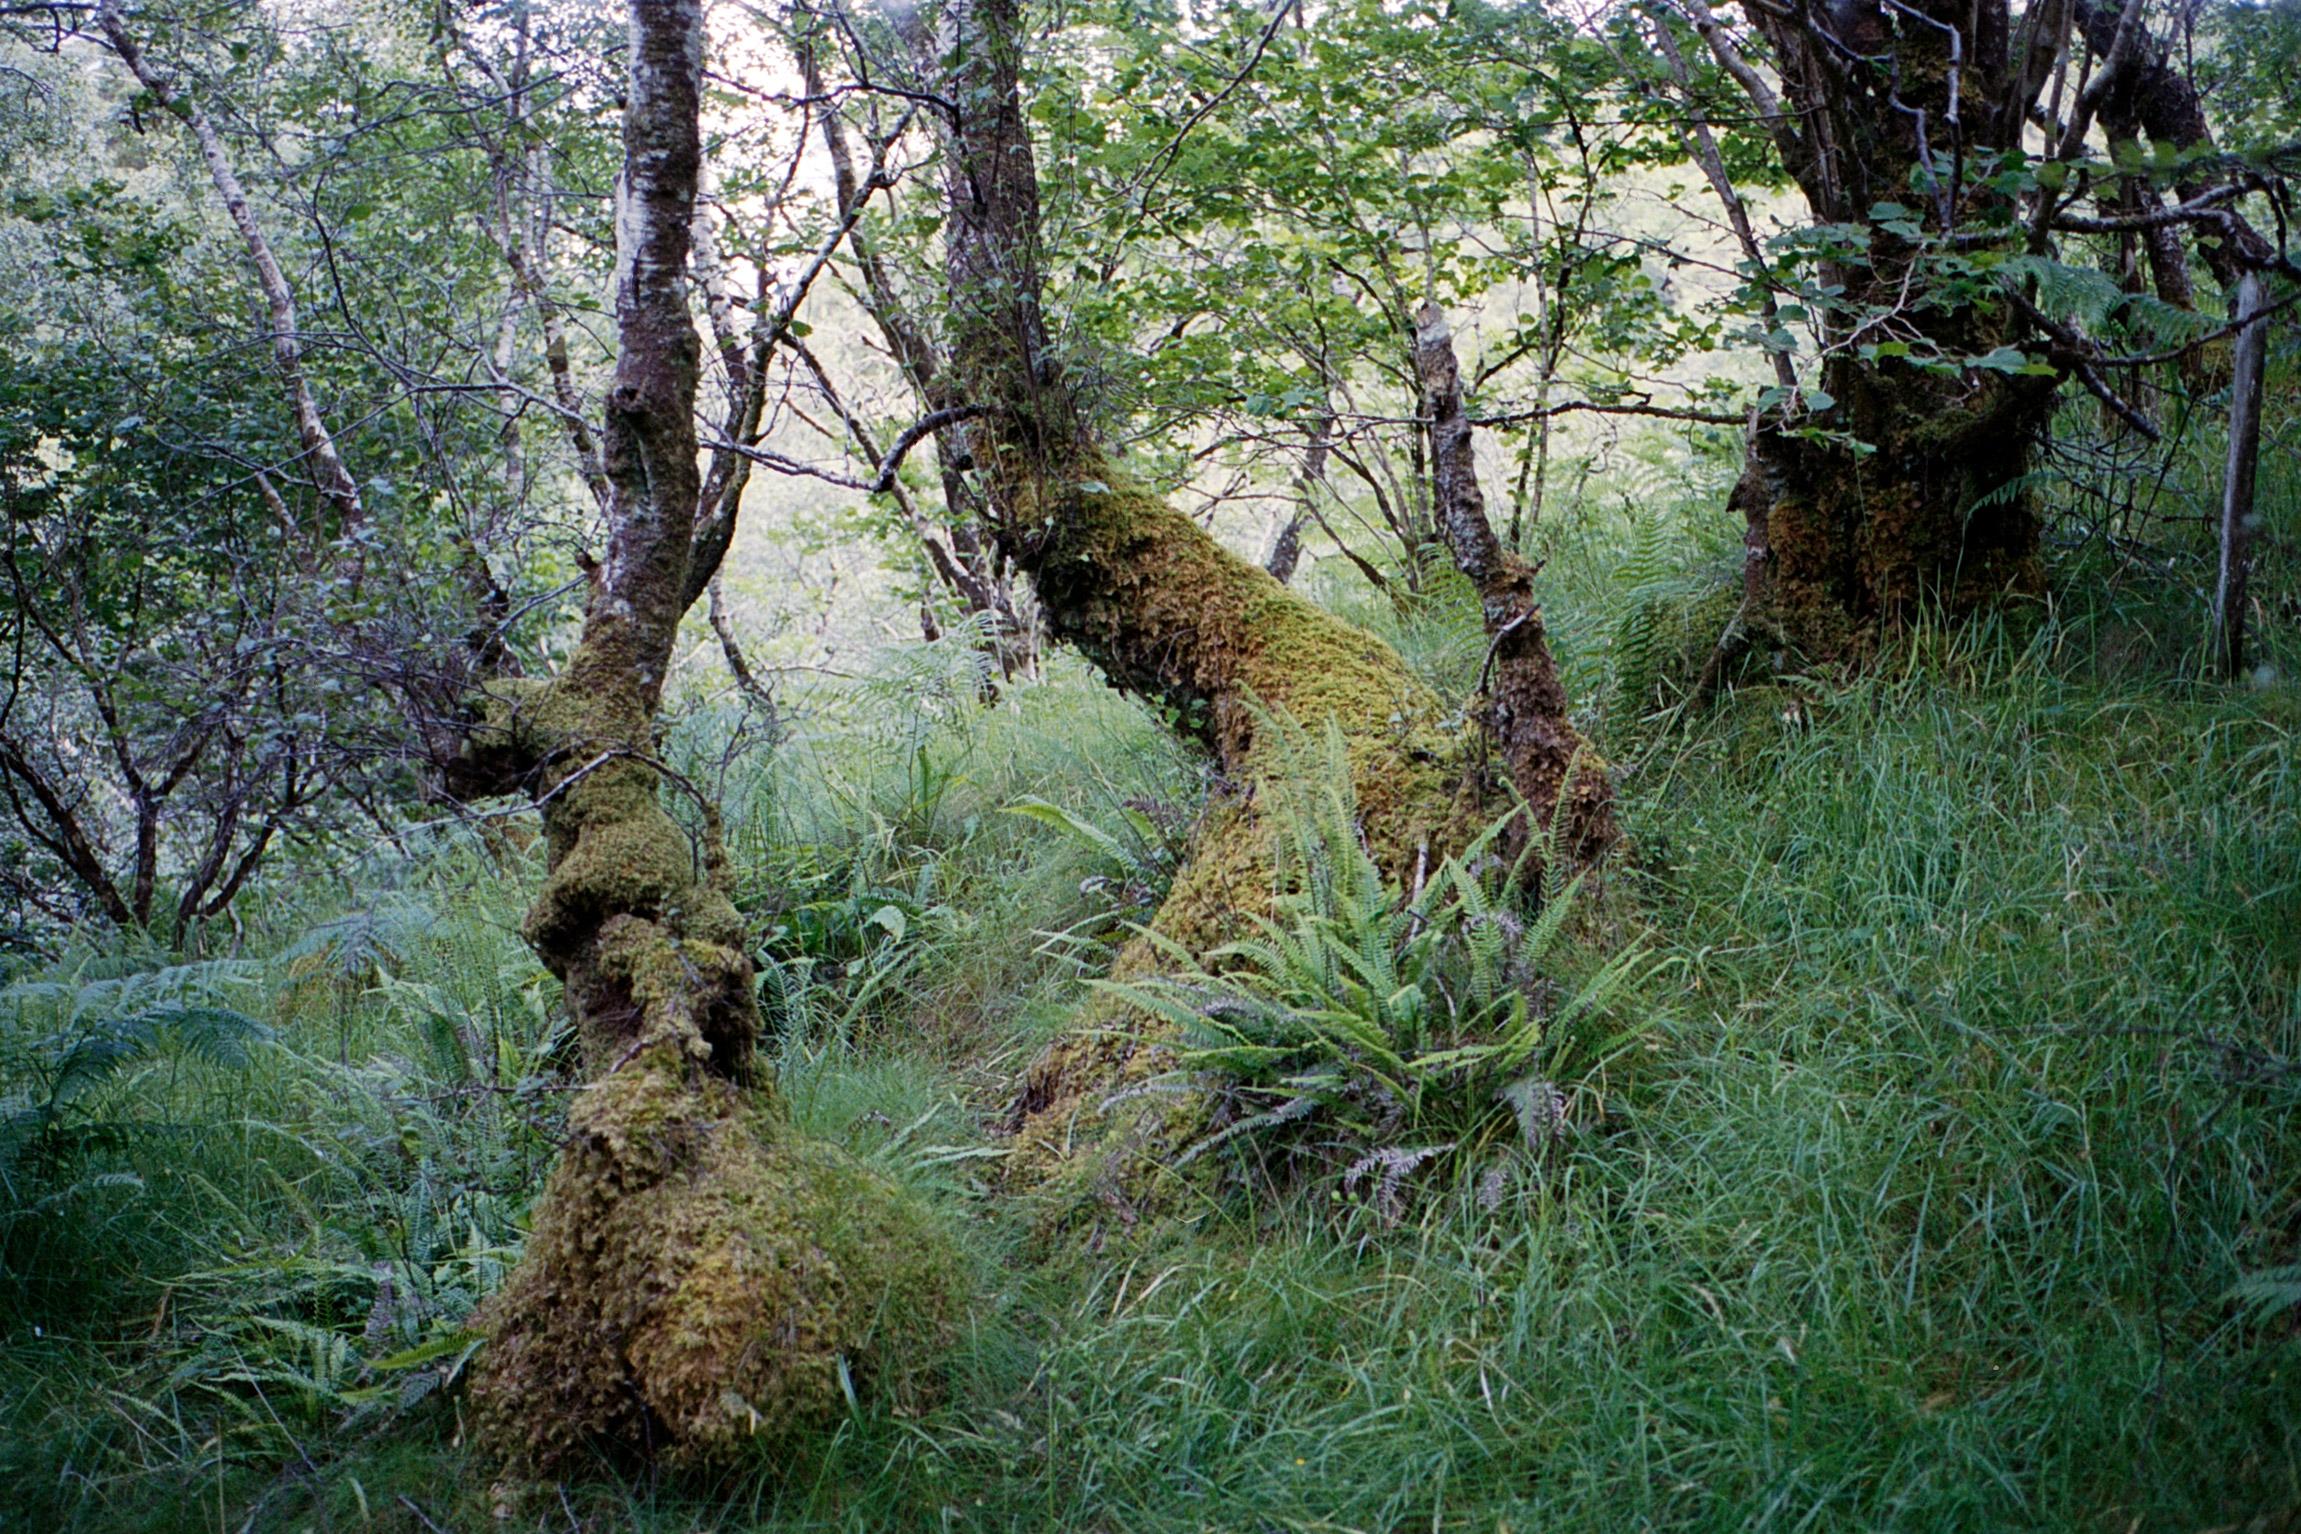 20170701_Scotland-M5-KodakPortra400_013-3.jpg